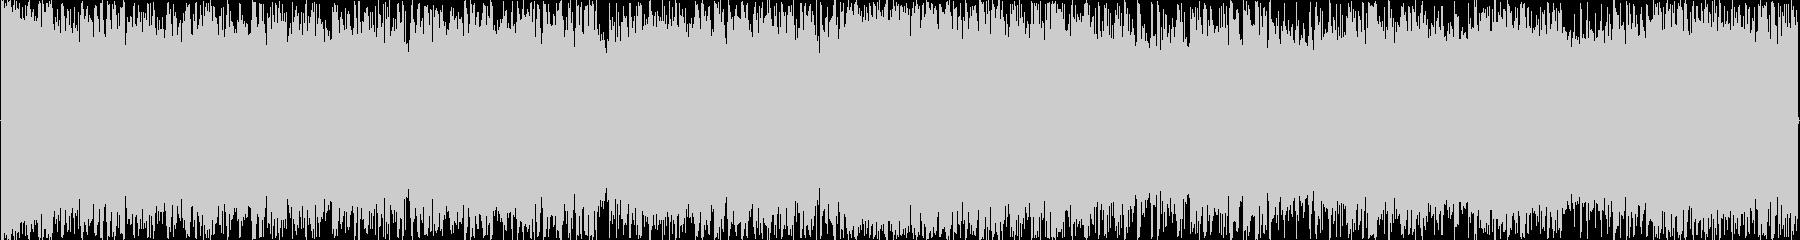 シンプルな疾走感溢れるロックループBGMの未再生の波形